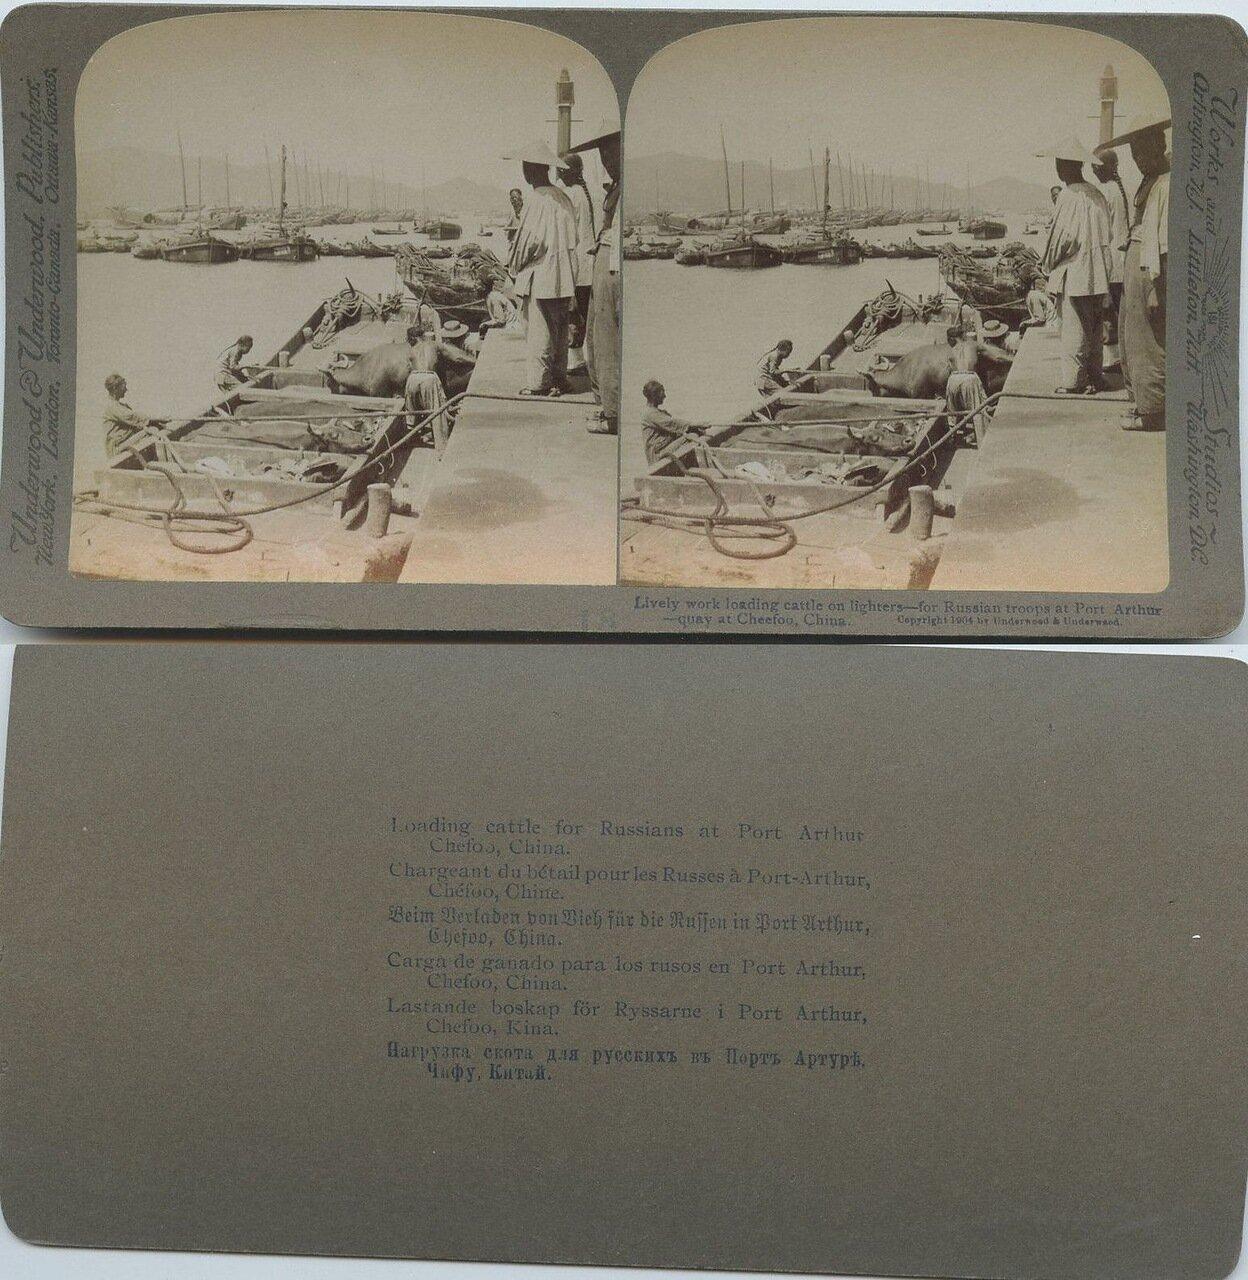 Русско-Японская война. Погрузка скота для русских в Порт-Артуре